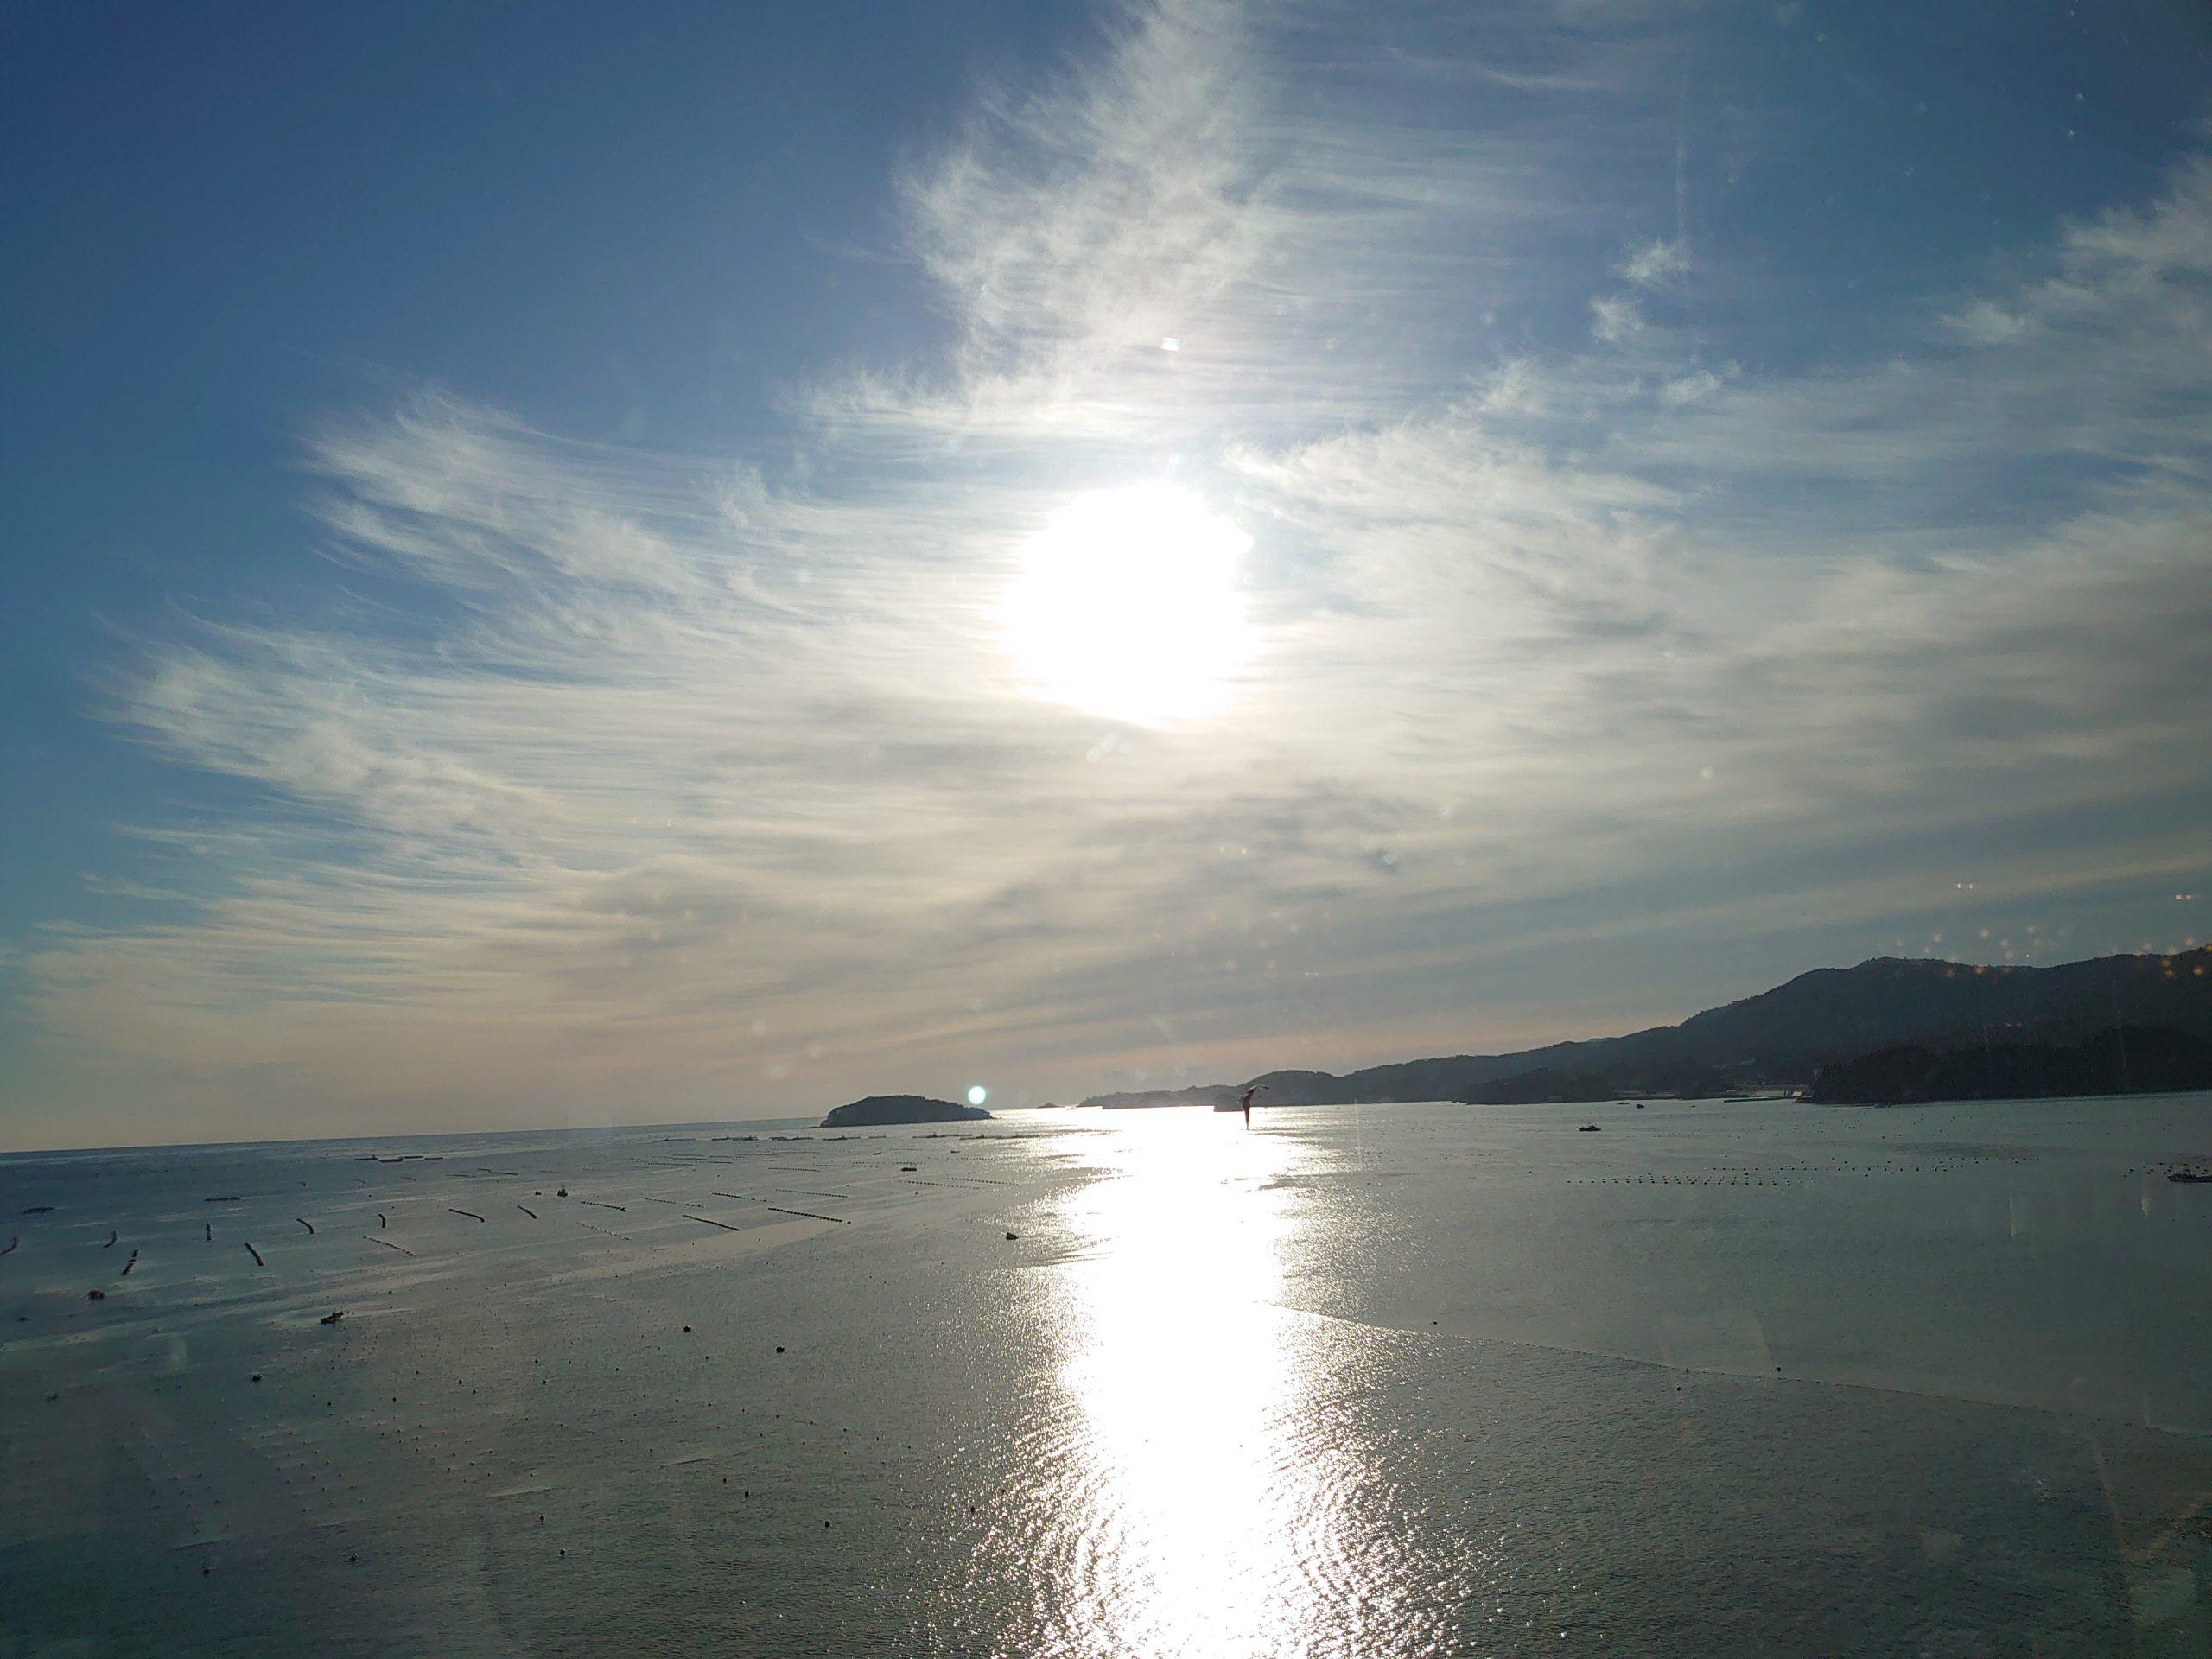 志津川湾の景色が絶景の南三陸ホテル観洋!